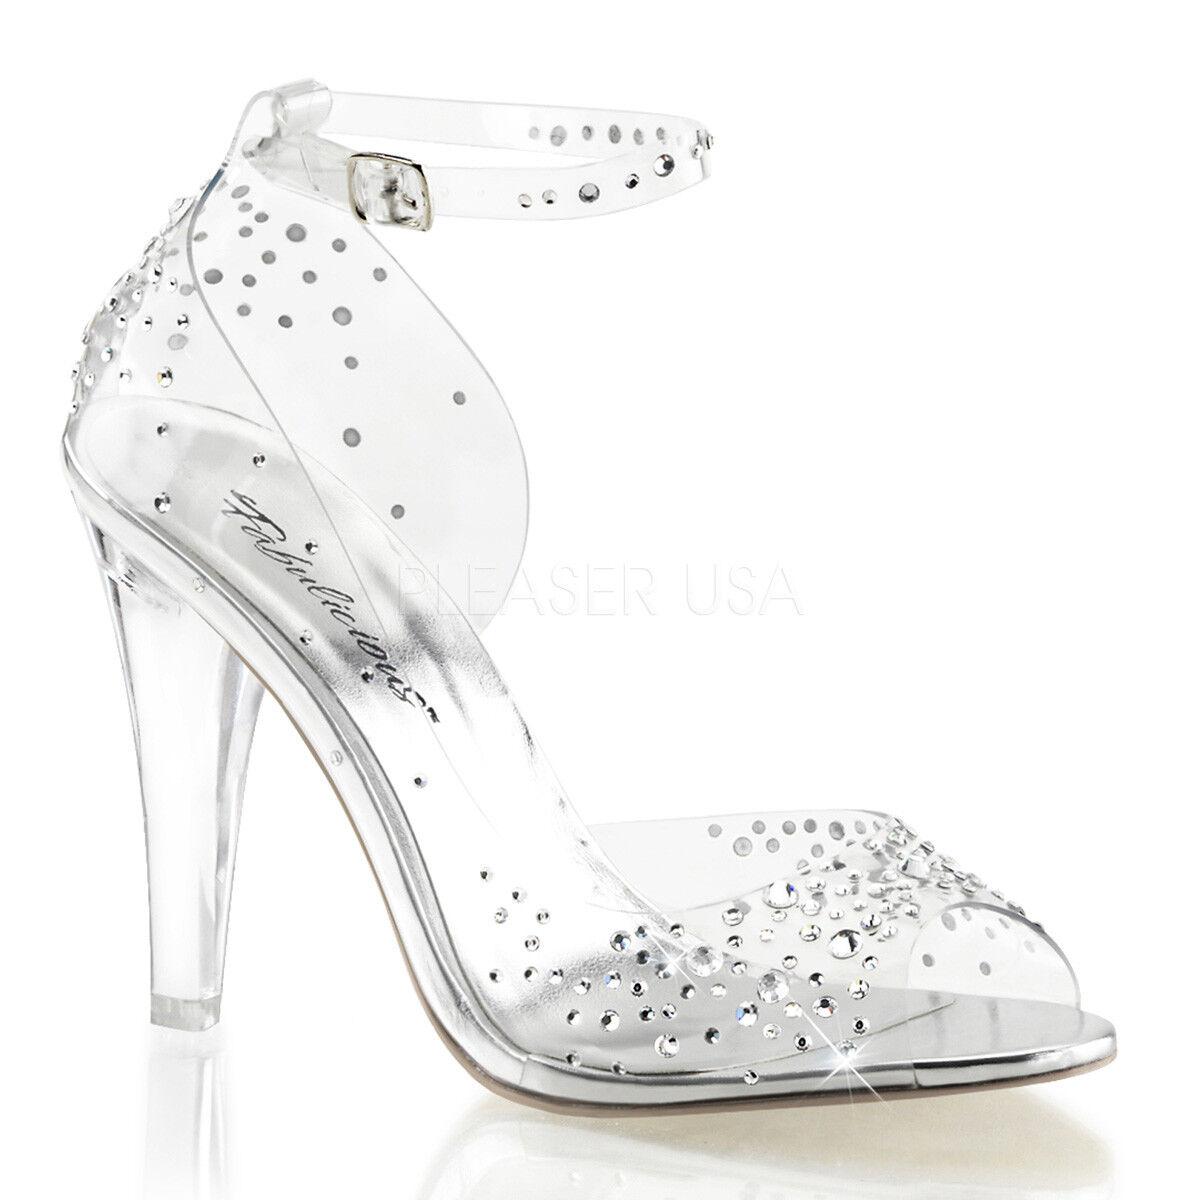 Taco de 4.5  diamantes de imitación de de de cristal claro de Fantasía Princesa Zapatillas Sandalias Cosplay 5-12  calidad garantizada